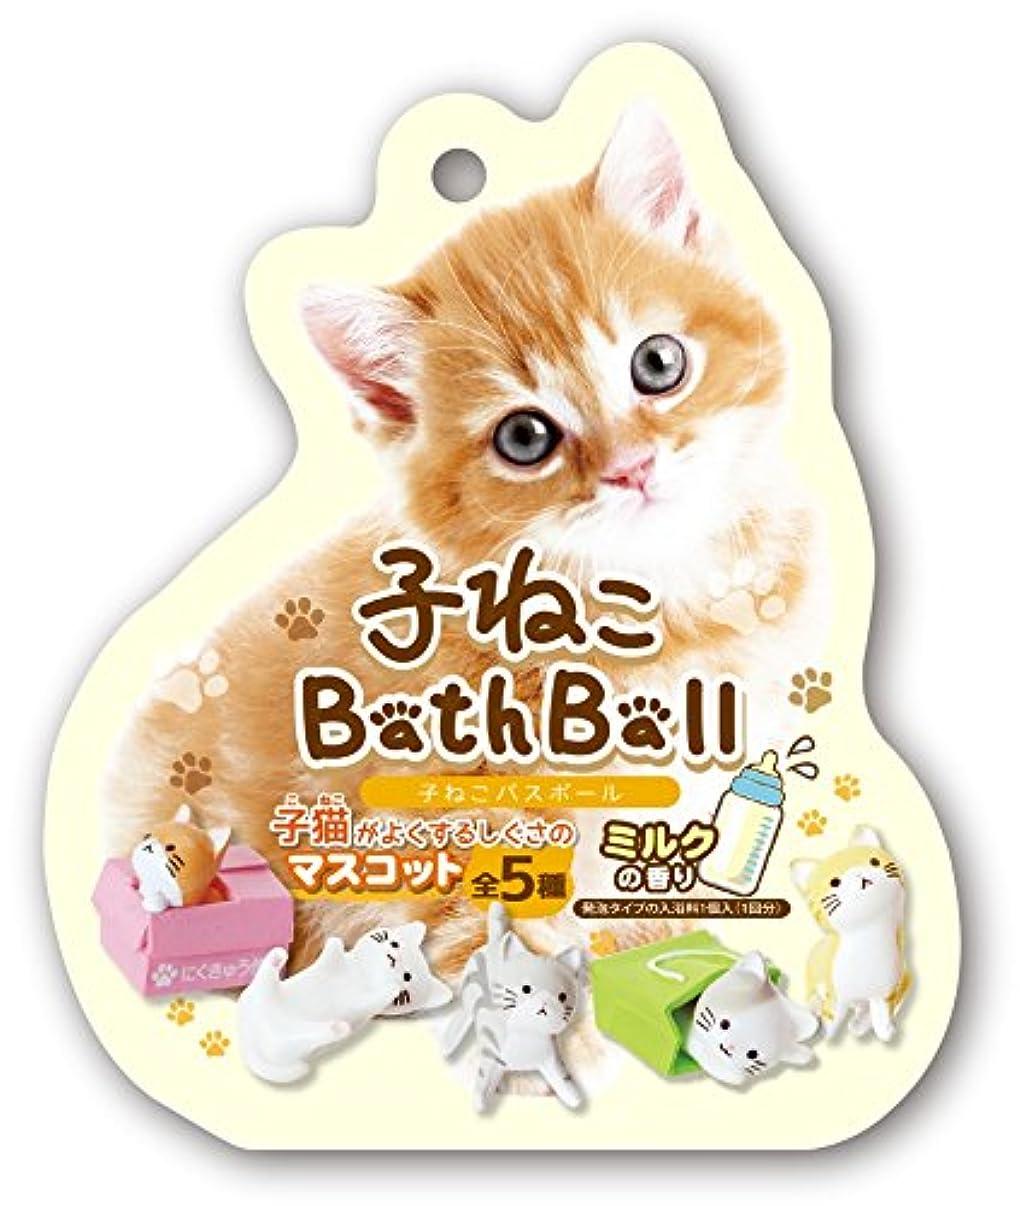 怪物状況ブリッジノルコーポレーション 入浴剤 こねこ バスボール ミルクの香り 50g OB-NEB-2-1